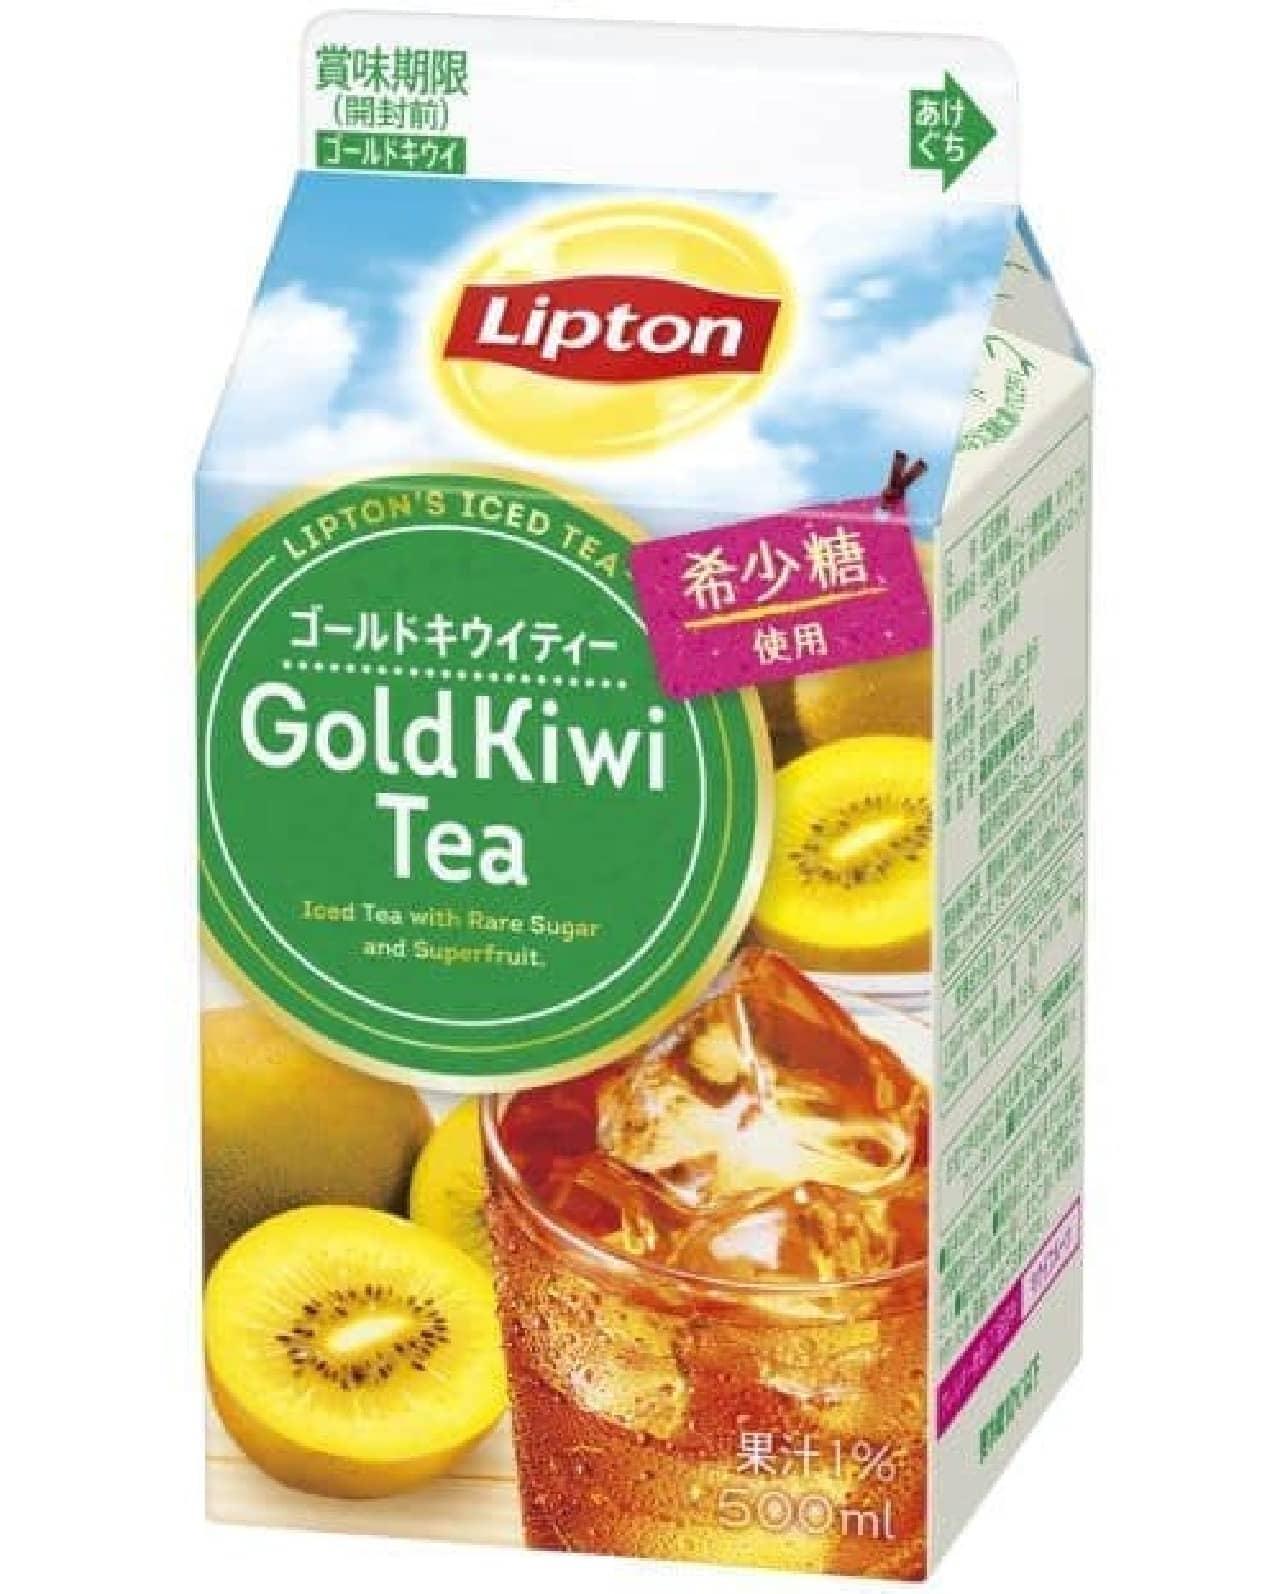 「ゴールドキウイティー」はゴールドキウイ果汁と希少糖が使用された工甘味料不使用のフルーツティー